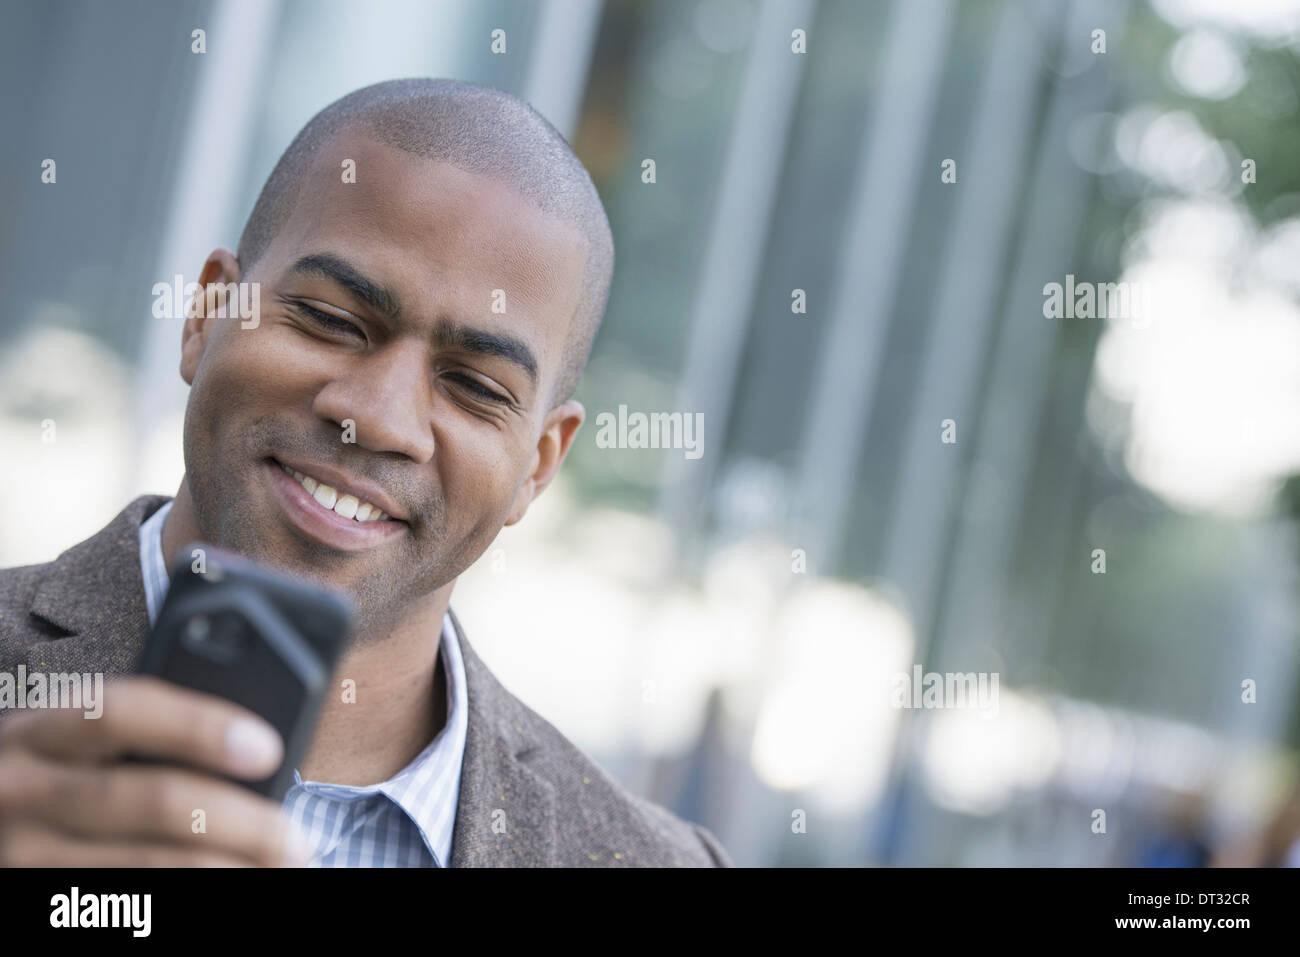 Hombre mirando hacia abajo en su teléfono inteligente. Imagen De Stock